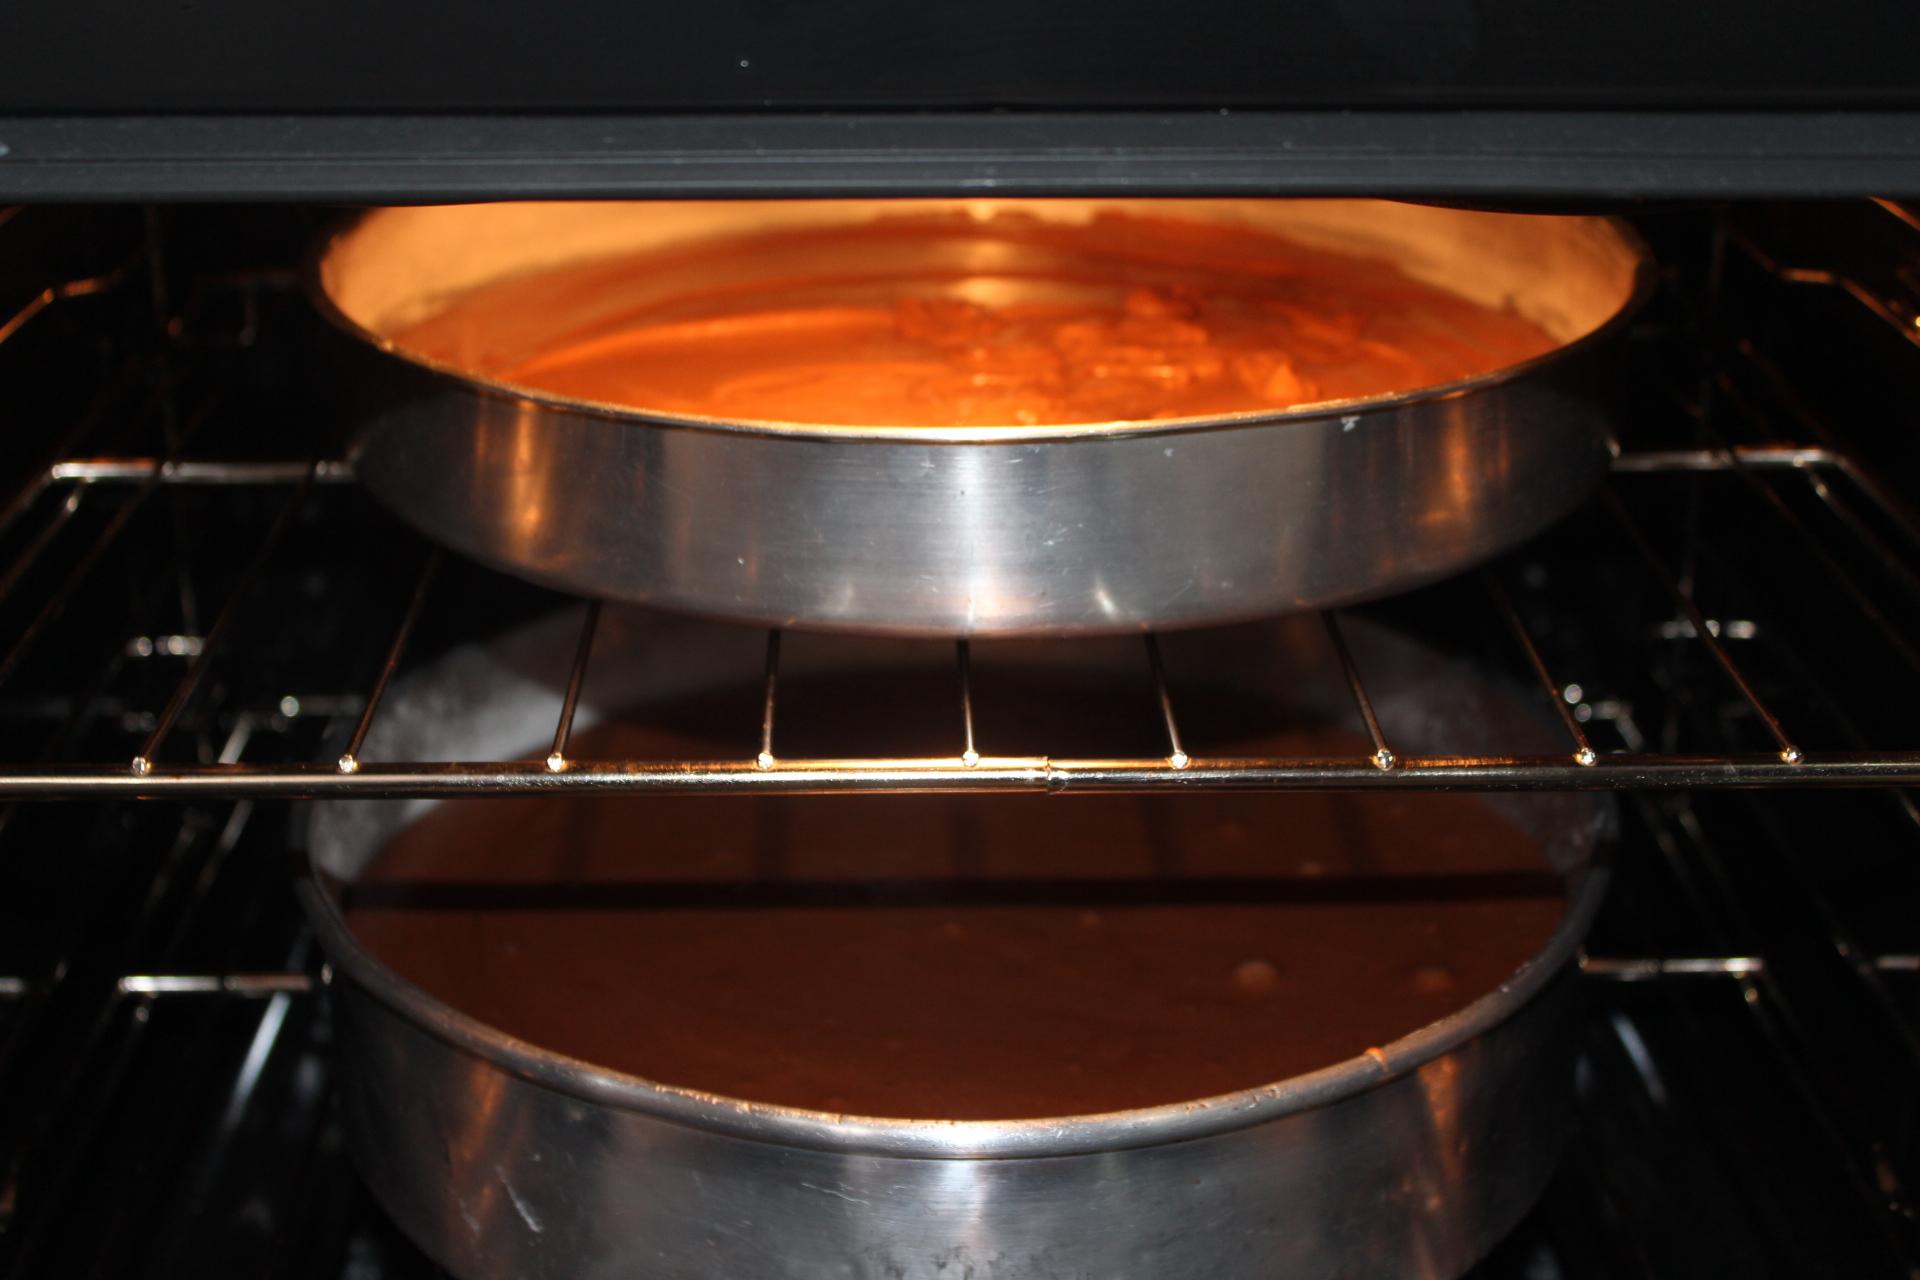 Coloque para assar em forno quente